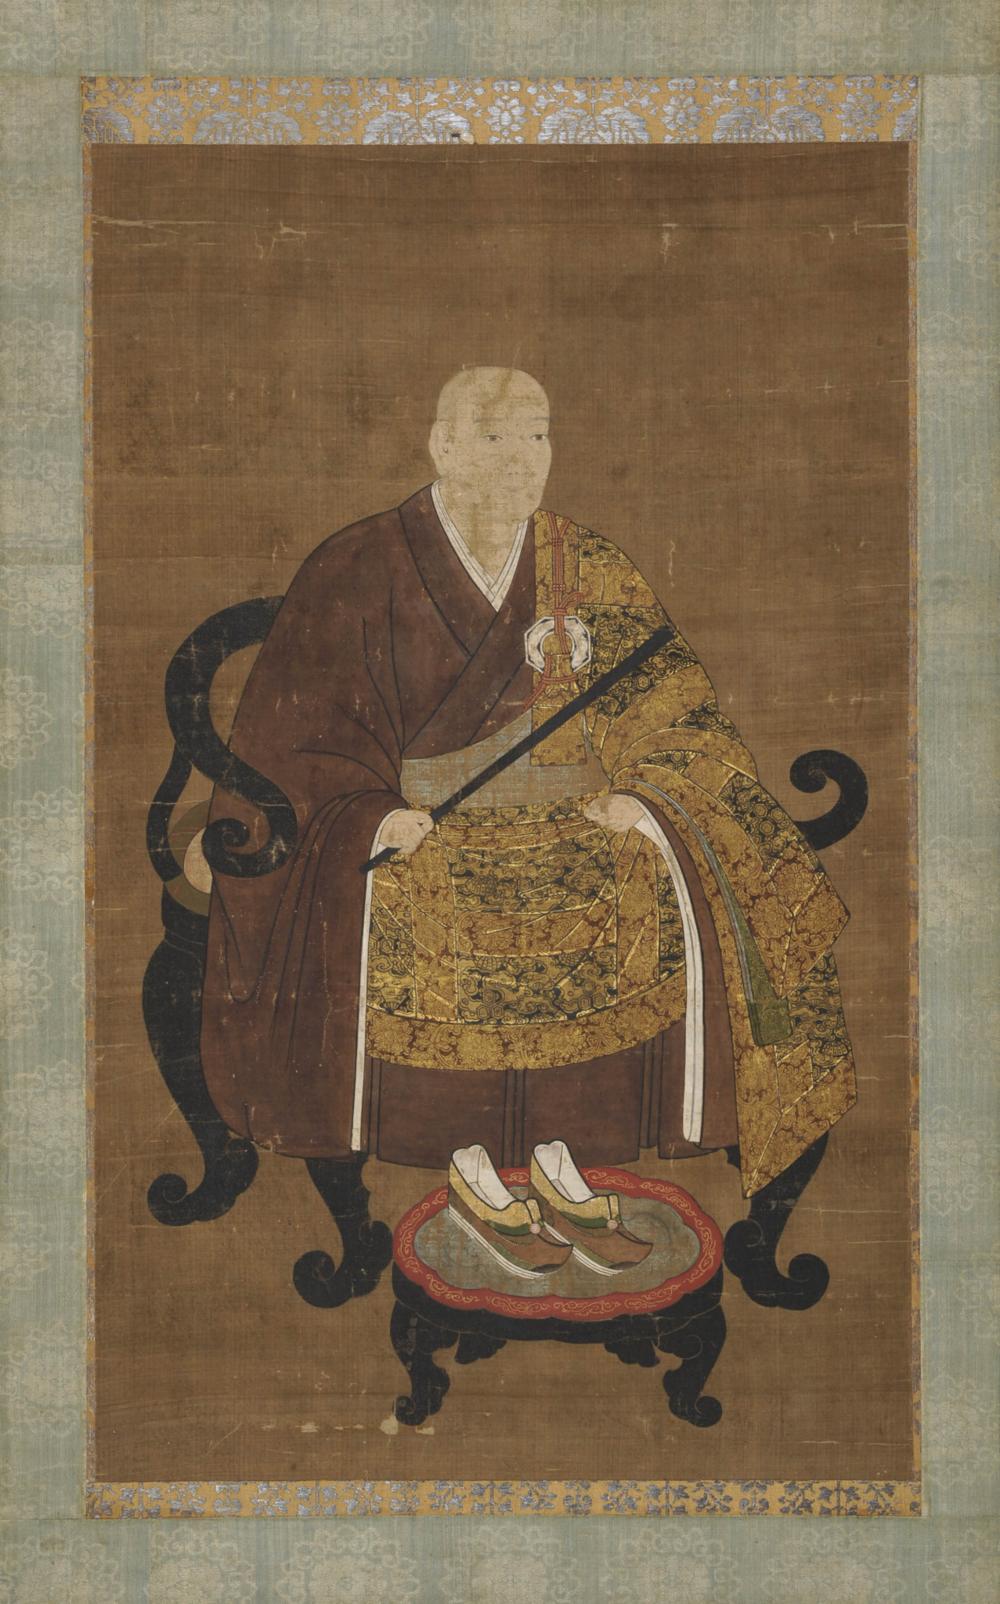 Bildnis eines Zen-Priesters im goldenen Übergewand